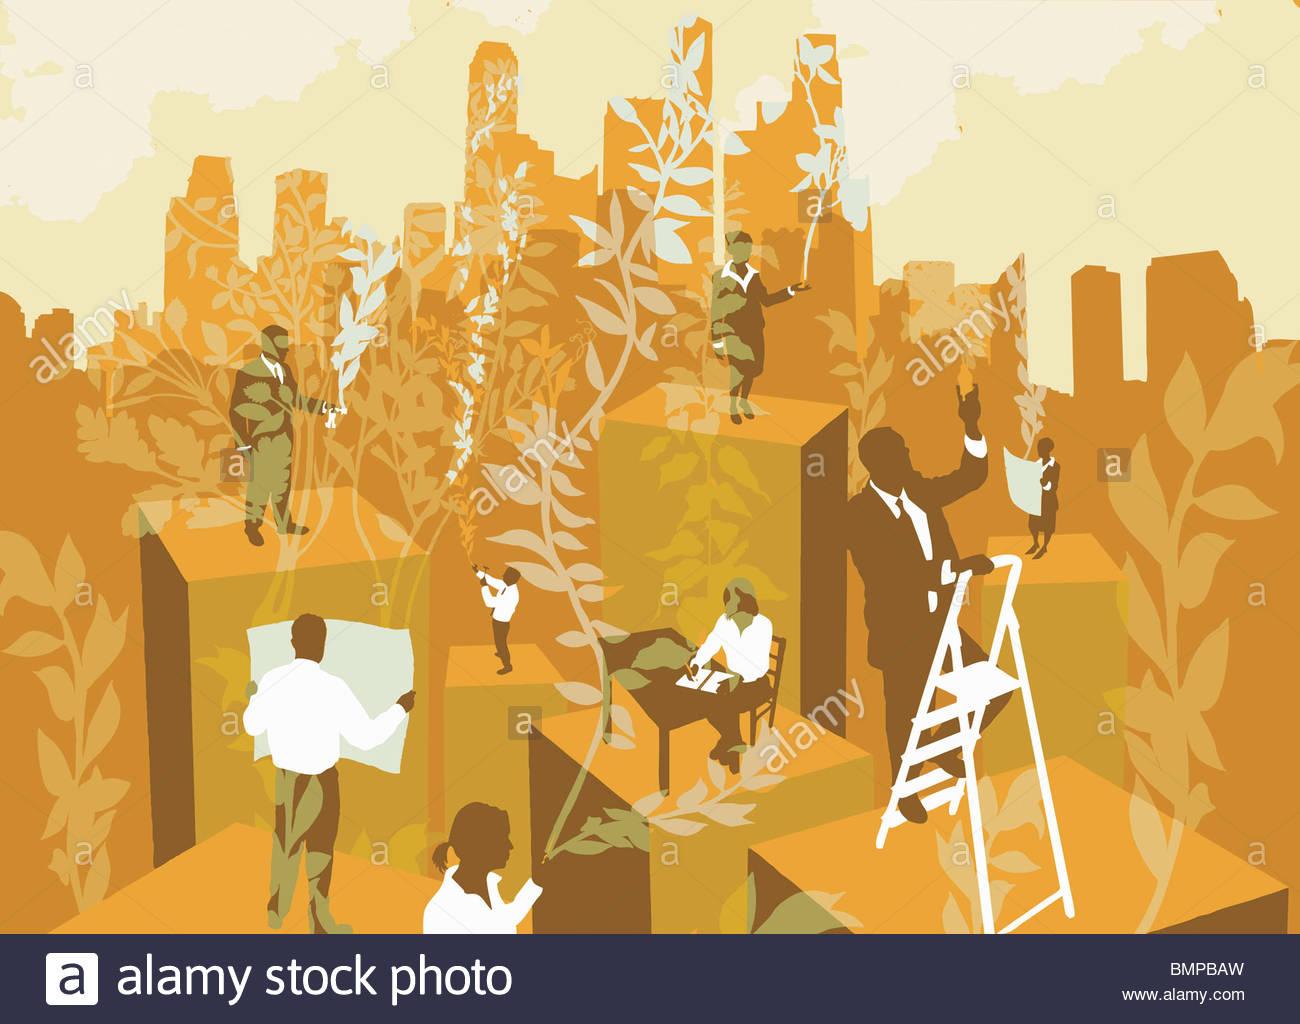 Les gens d'affaires sur des colonnes avec ville en arrière-plan Photo Stock